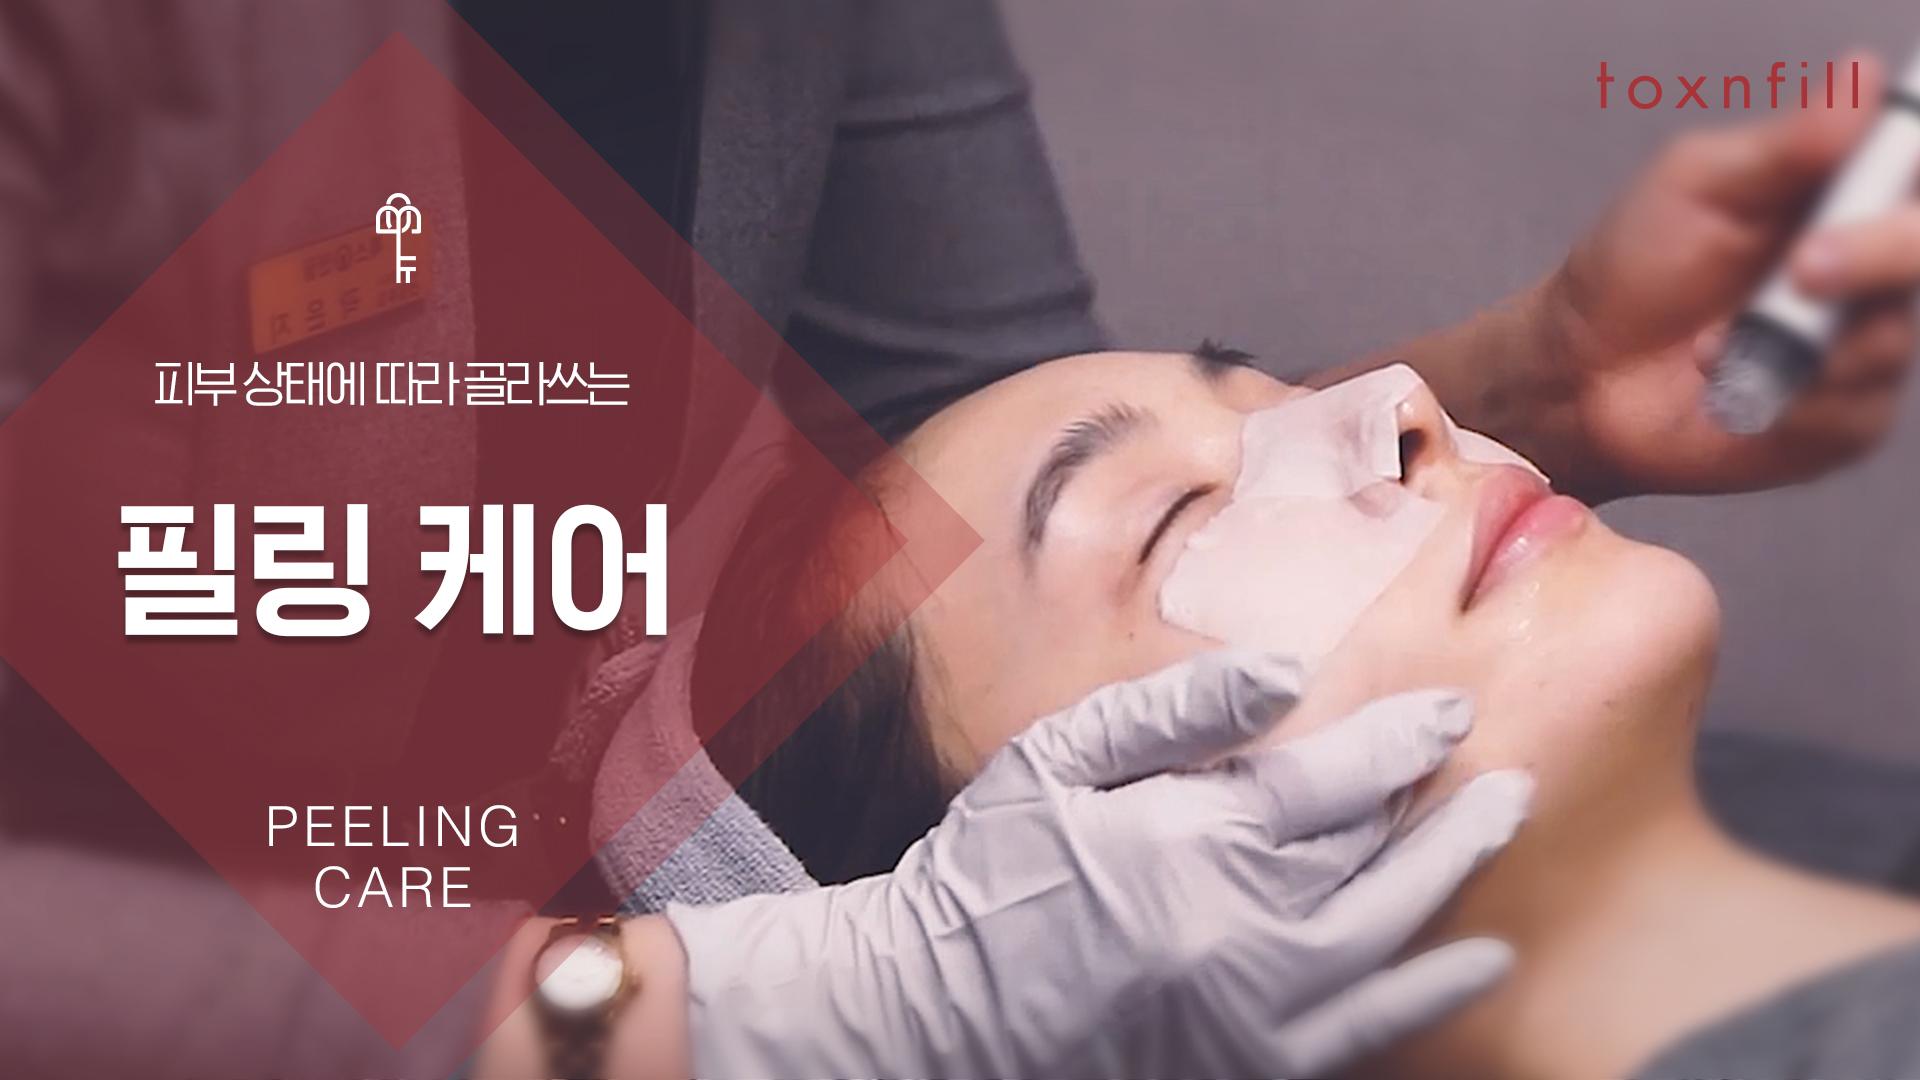 [8월 EVENT] 비타슈크림필(각질제거)5회+고주파관리5회